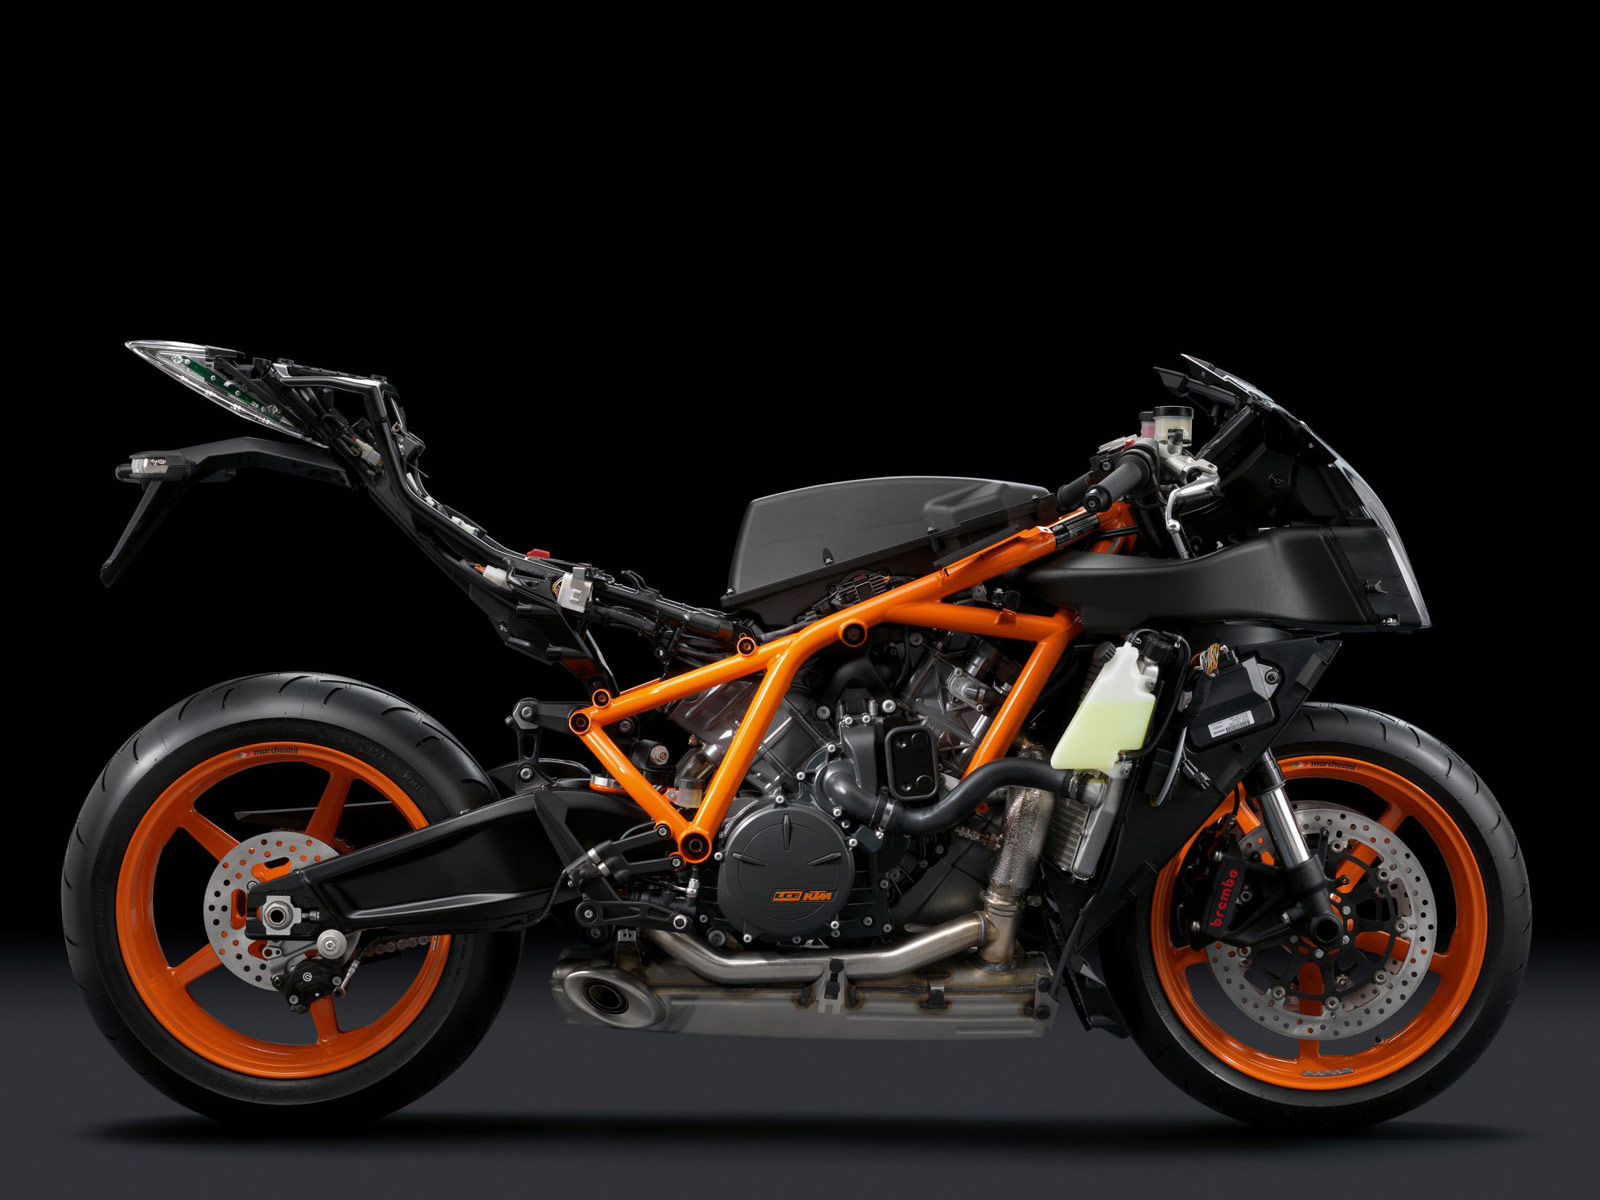 Motorcycle Desktop Wallpapers 2011 KTM 1190 RC8R 1600x1200